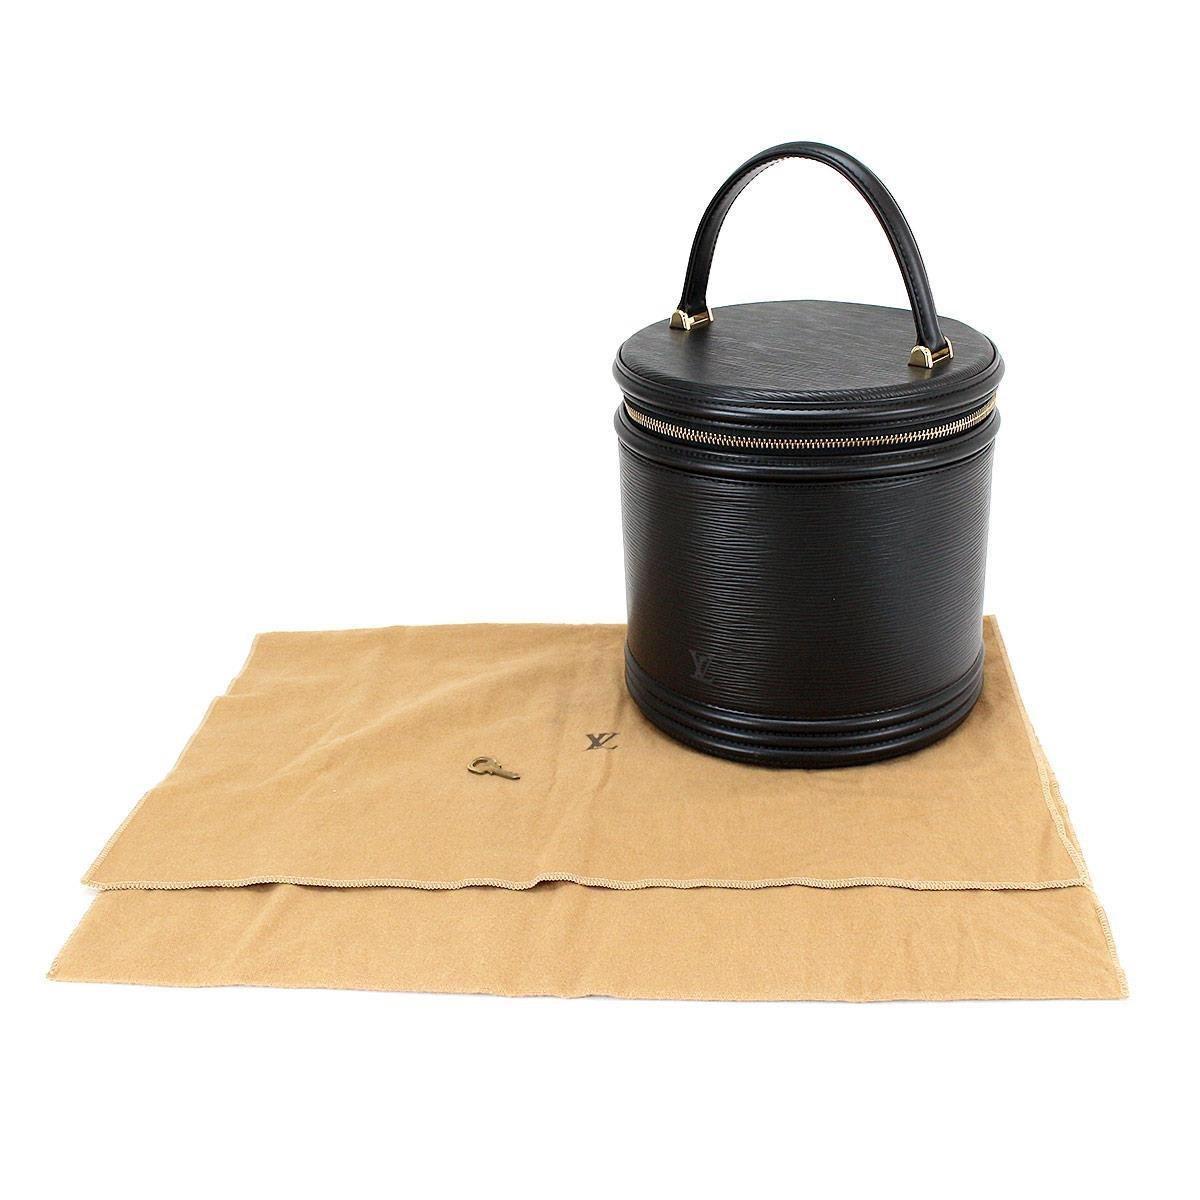 033af93a9db8 Lyst - Louis Vuitton Epi Leather Cannes Vanity Hand Bag Noir M48032 ...